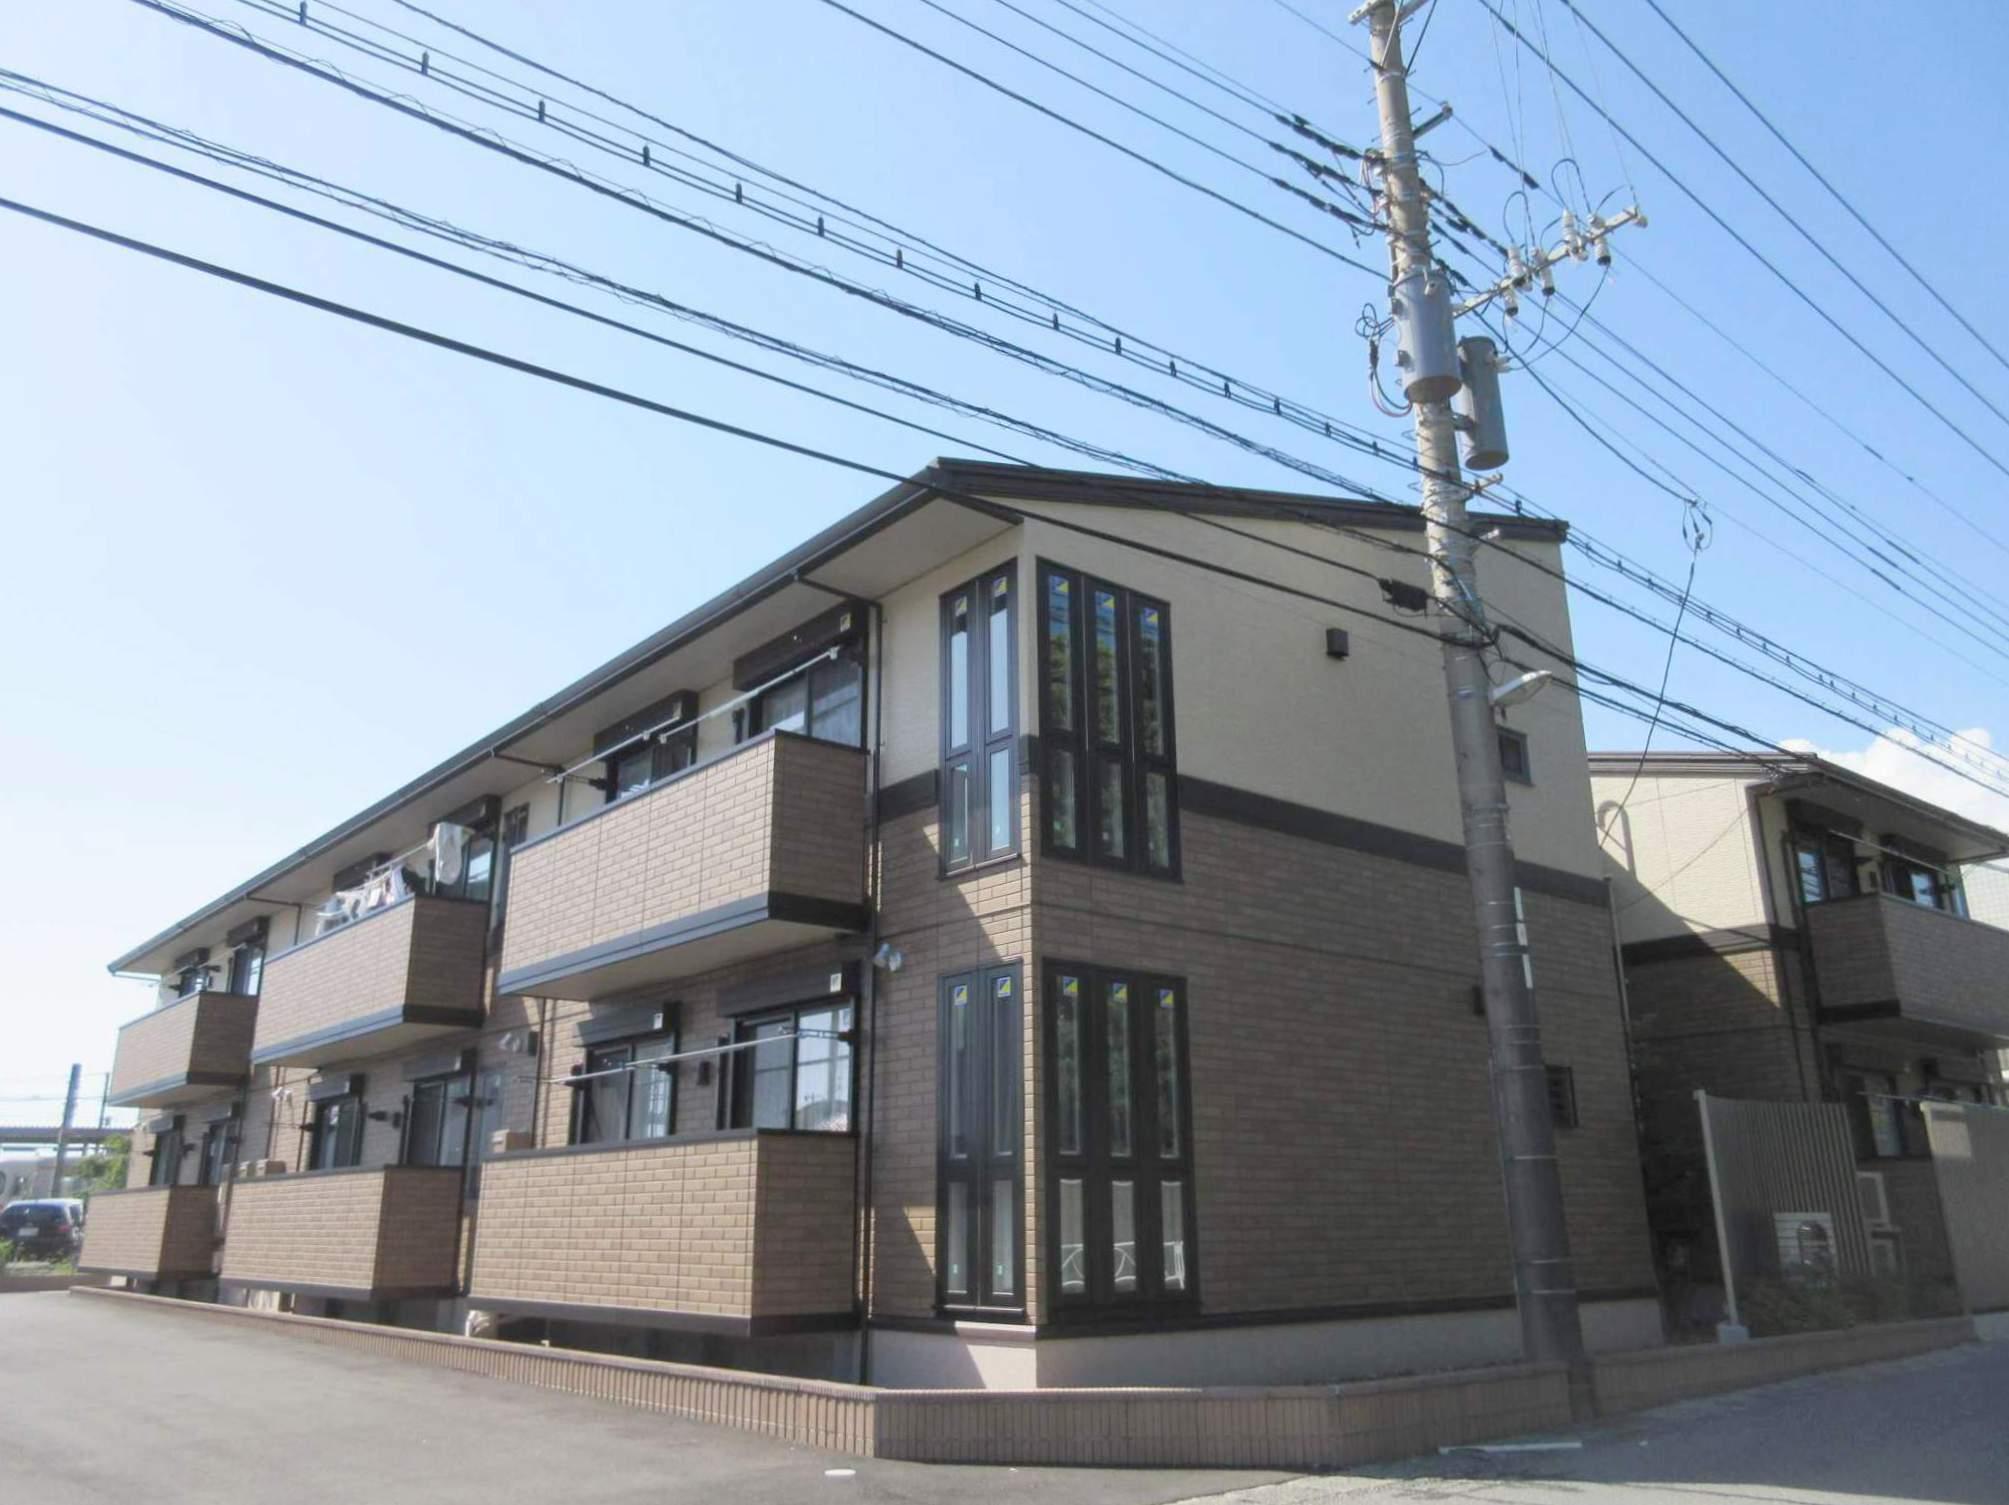 静岡県駿東郡長泉町、長泉なめり駅徒歩1分の築2年 2階建の賃貸アパート